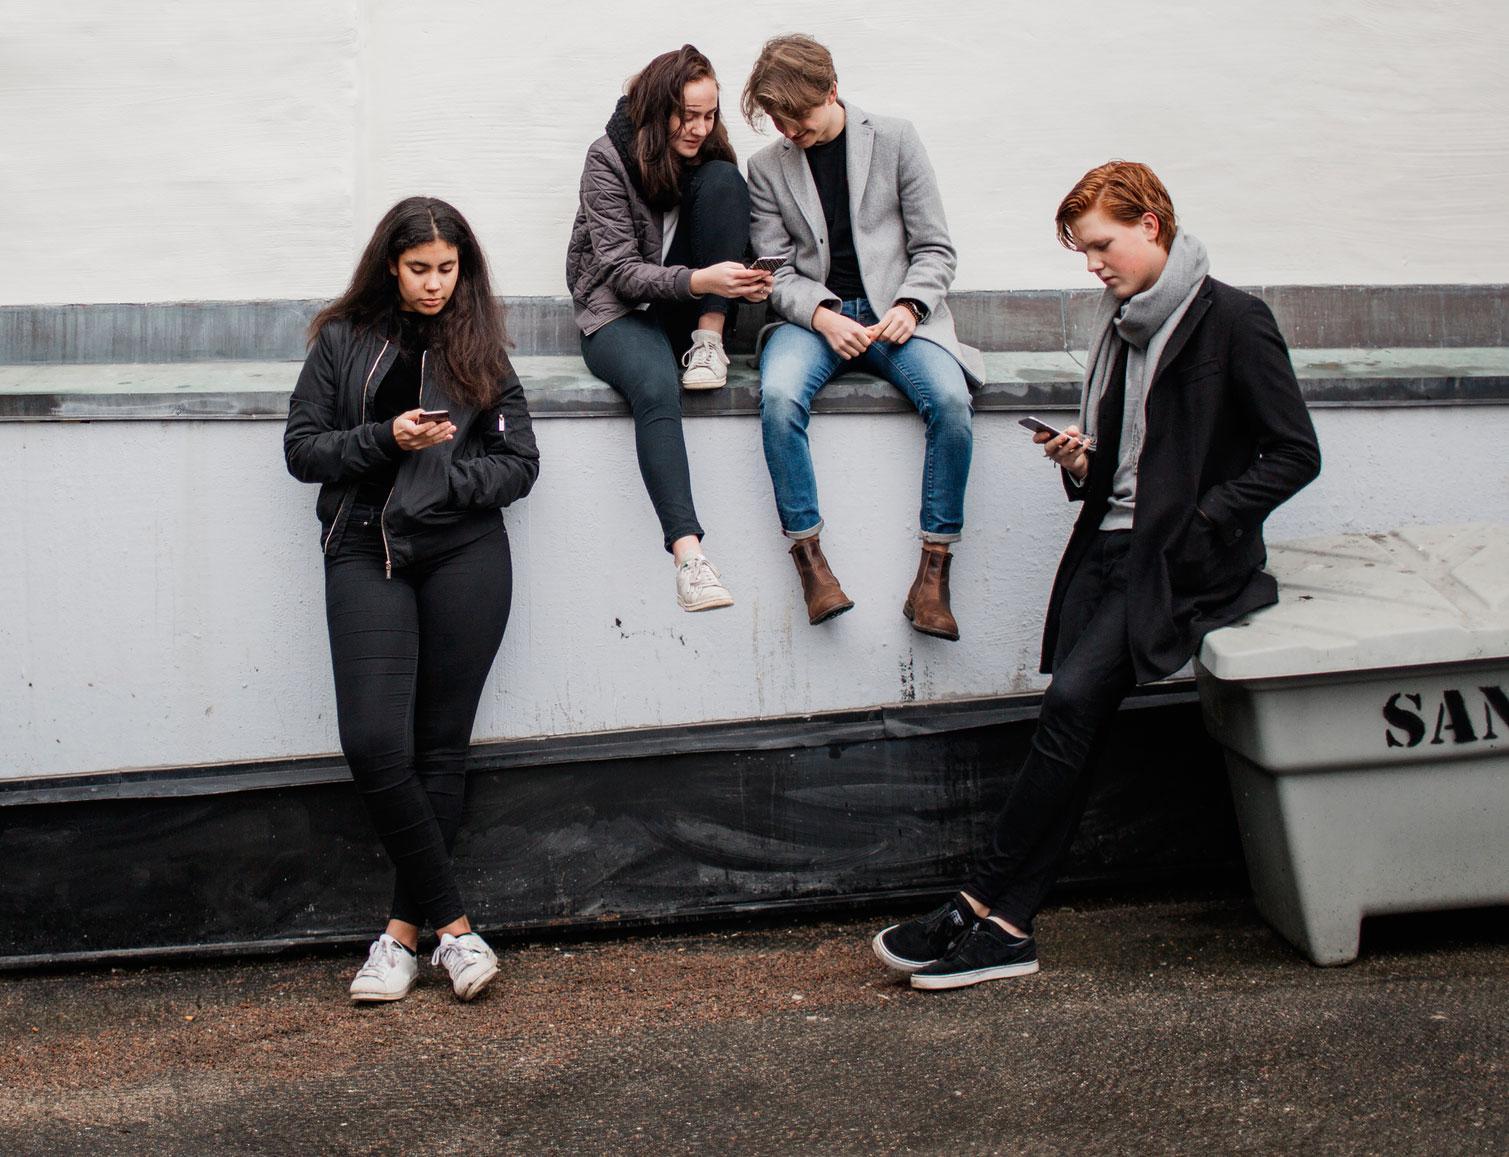 Att gå omkring i korta strumpor som lämnar ankeln bar är en het trend bland ungdomar.